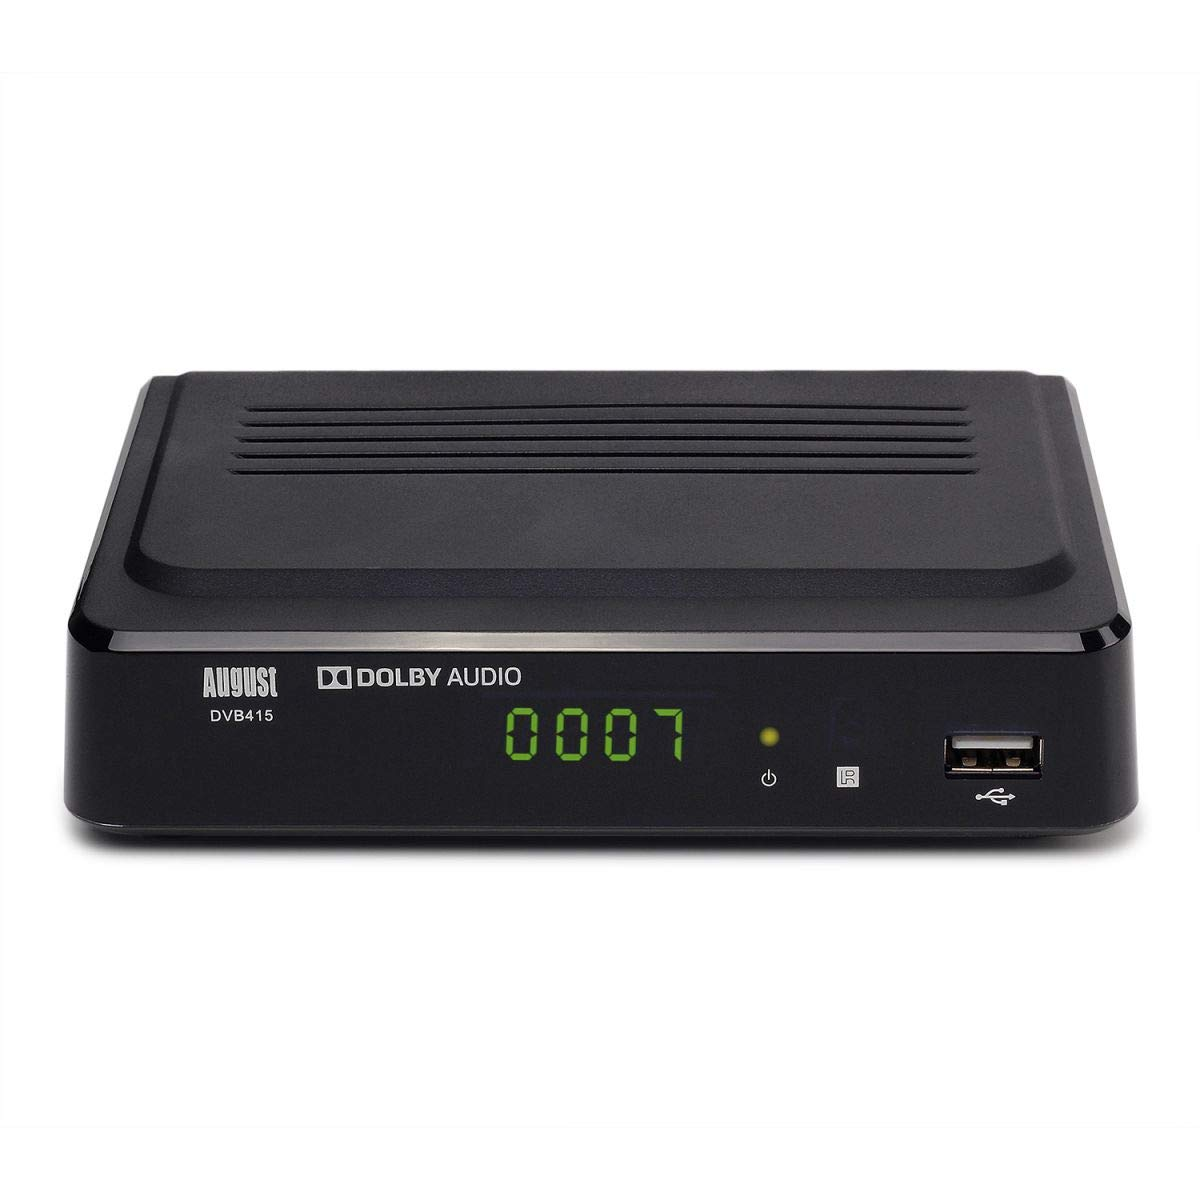 - Boitier de r/éception DVB-T//DVB-T2 et Lecteur Multim/édia avec Sortie HDMI et Sortie Audio Num/érique Coaxial August DVB415 D/écodeur TNT HD MPEG4 // H.264 Enregistreur TV Num/érique via USB